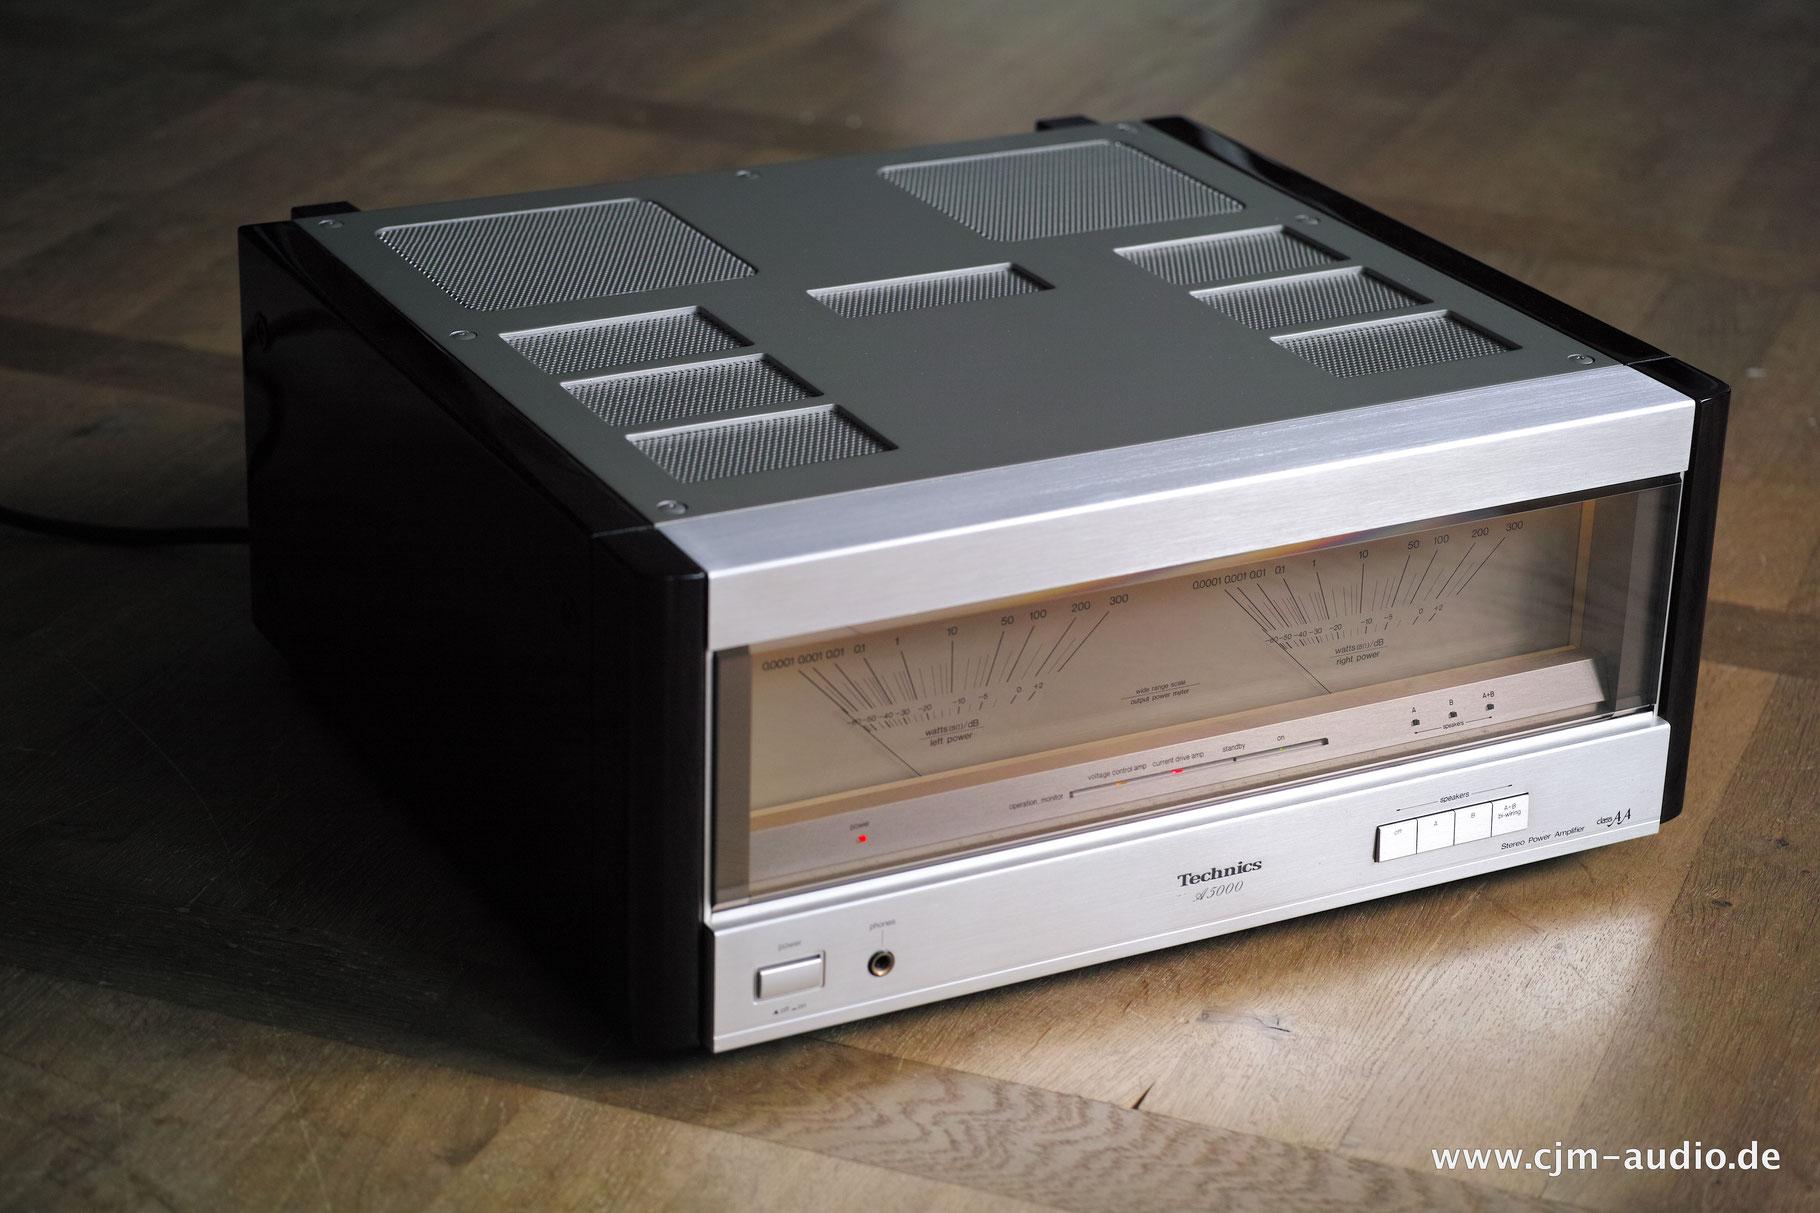 Technics Cjm Audio High End Audiomarkt Fr Gebrauchtgerte Home Stereo Wiring Diagram In Den Warenkorb